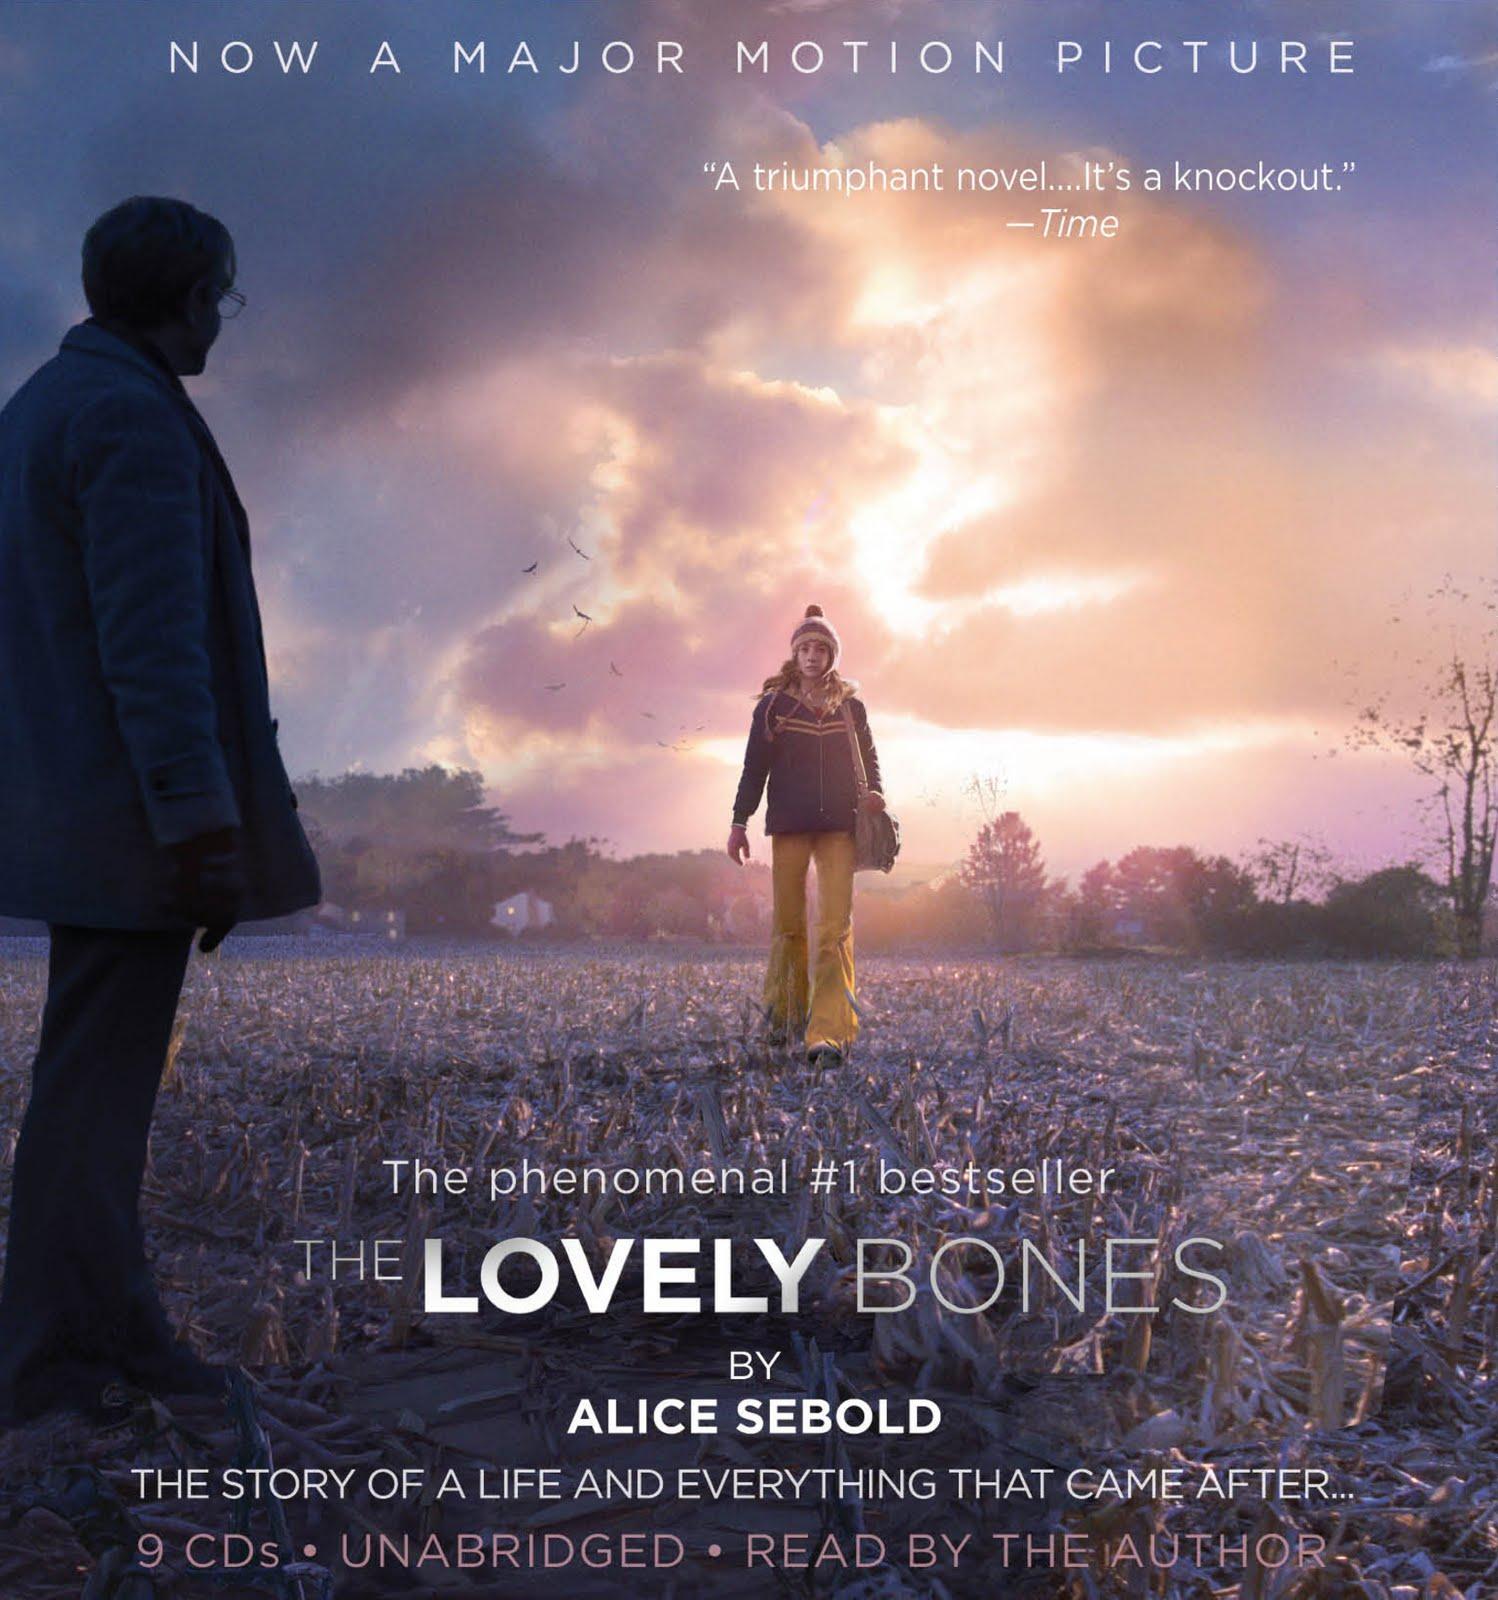 Lovely bones novel analysis